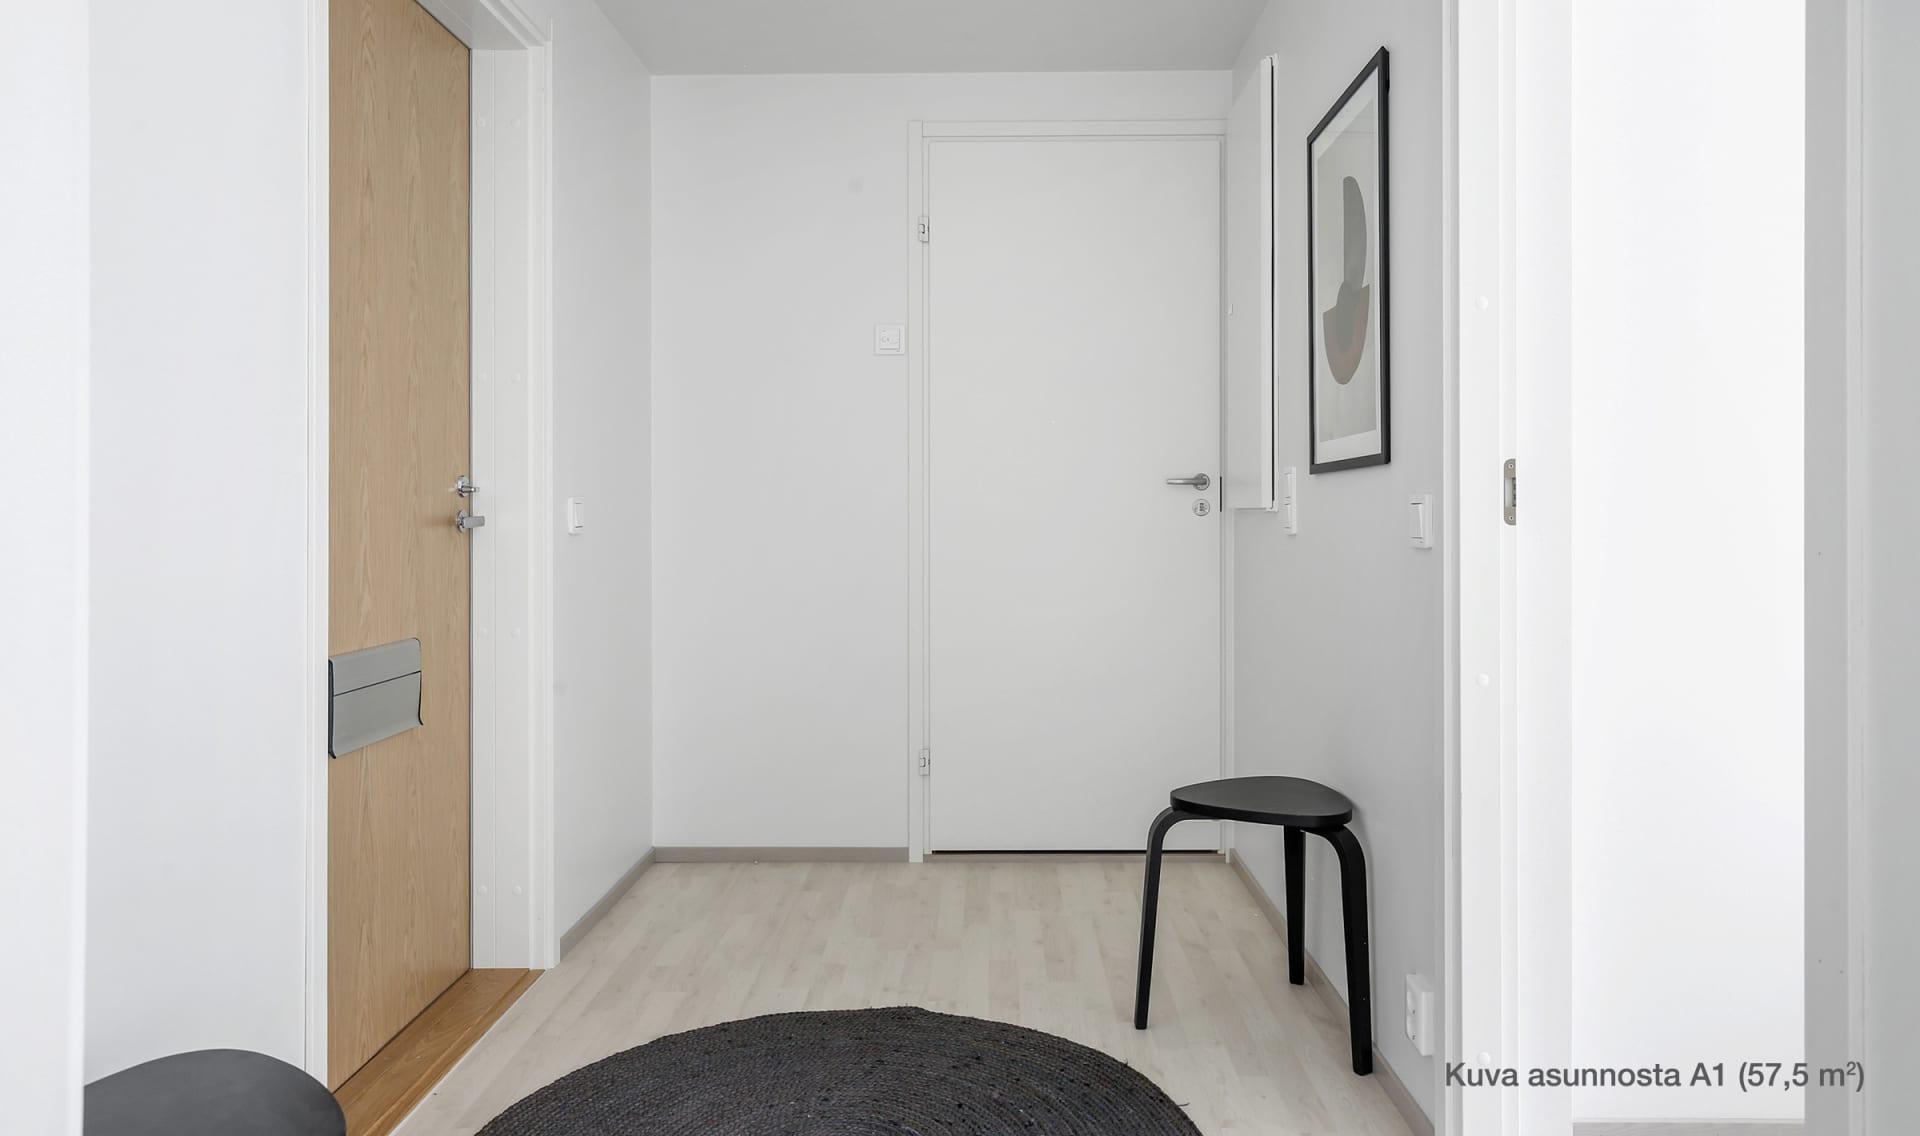 Myytävät asunnot Lohja - Asunto Oy Lohjan Rinkeli